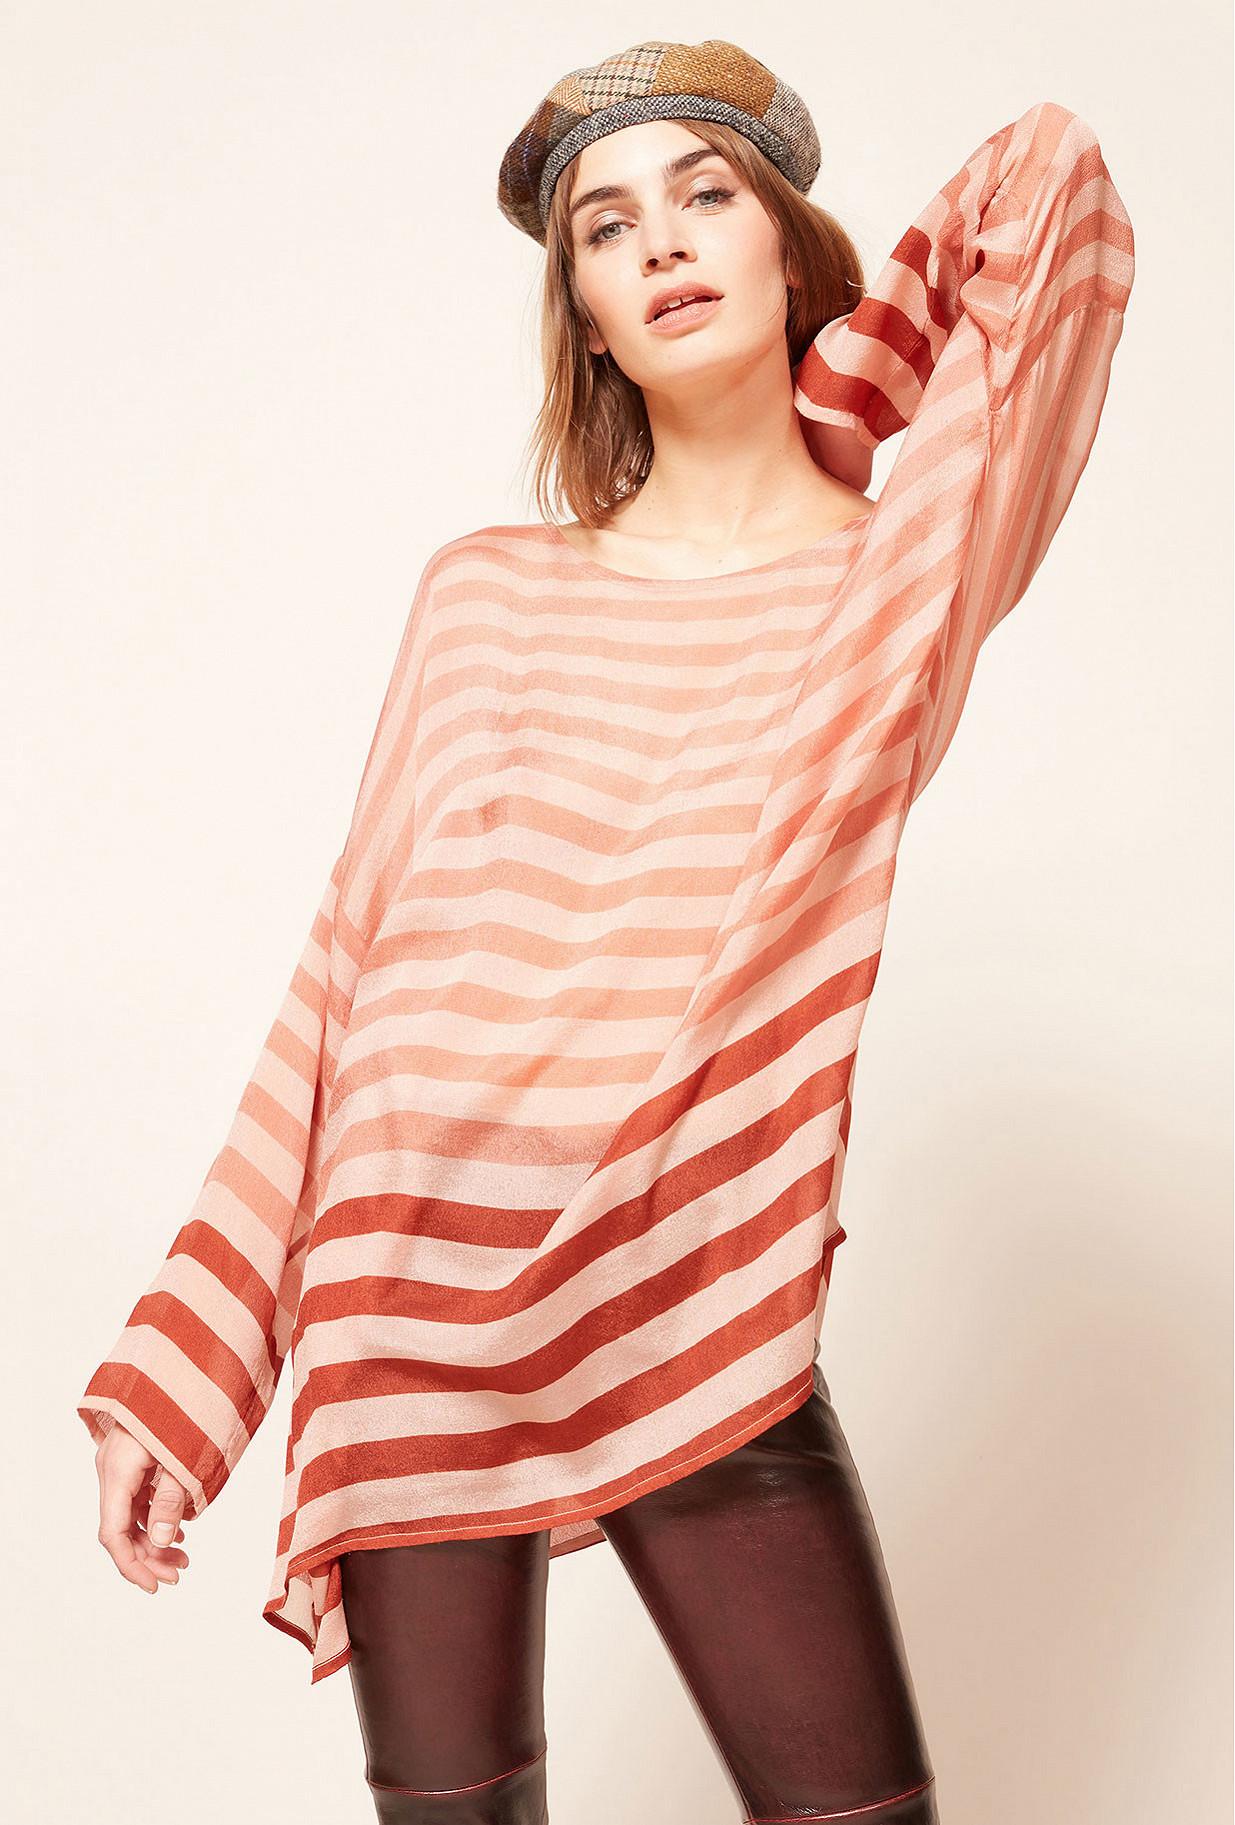 Paris clothes store Blouse  Sunrise french designer fashion Paris